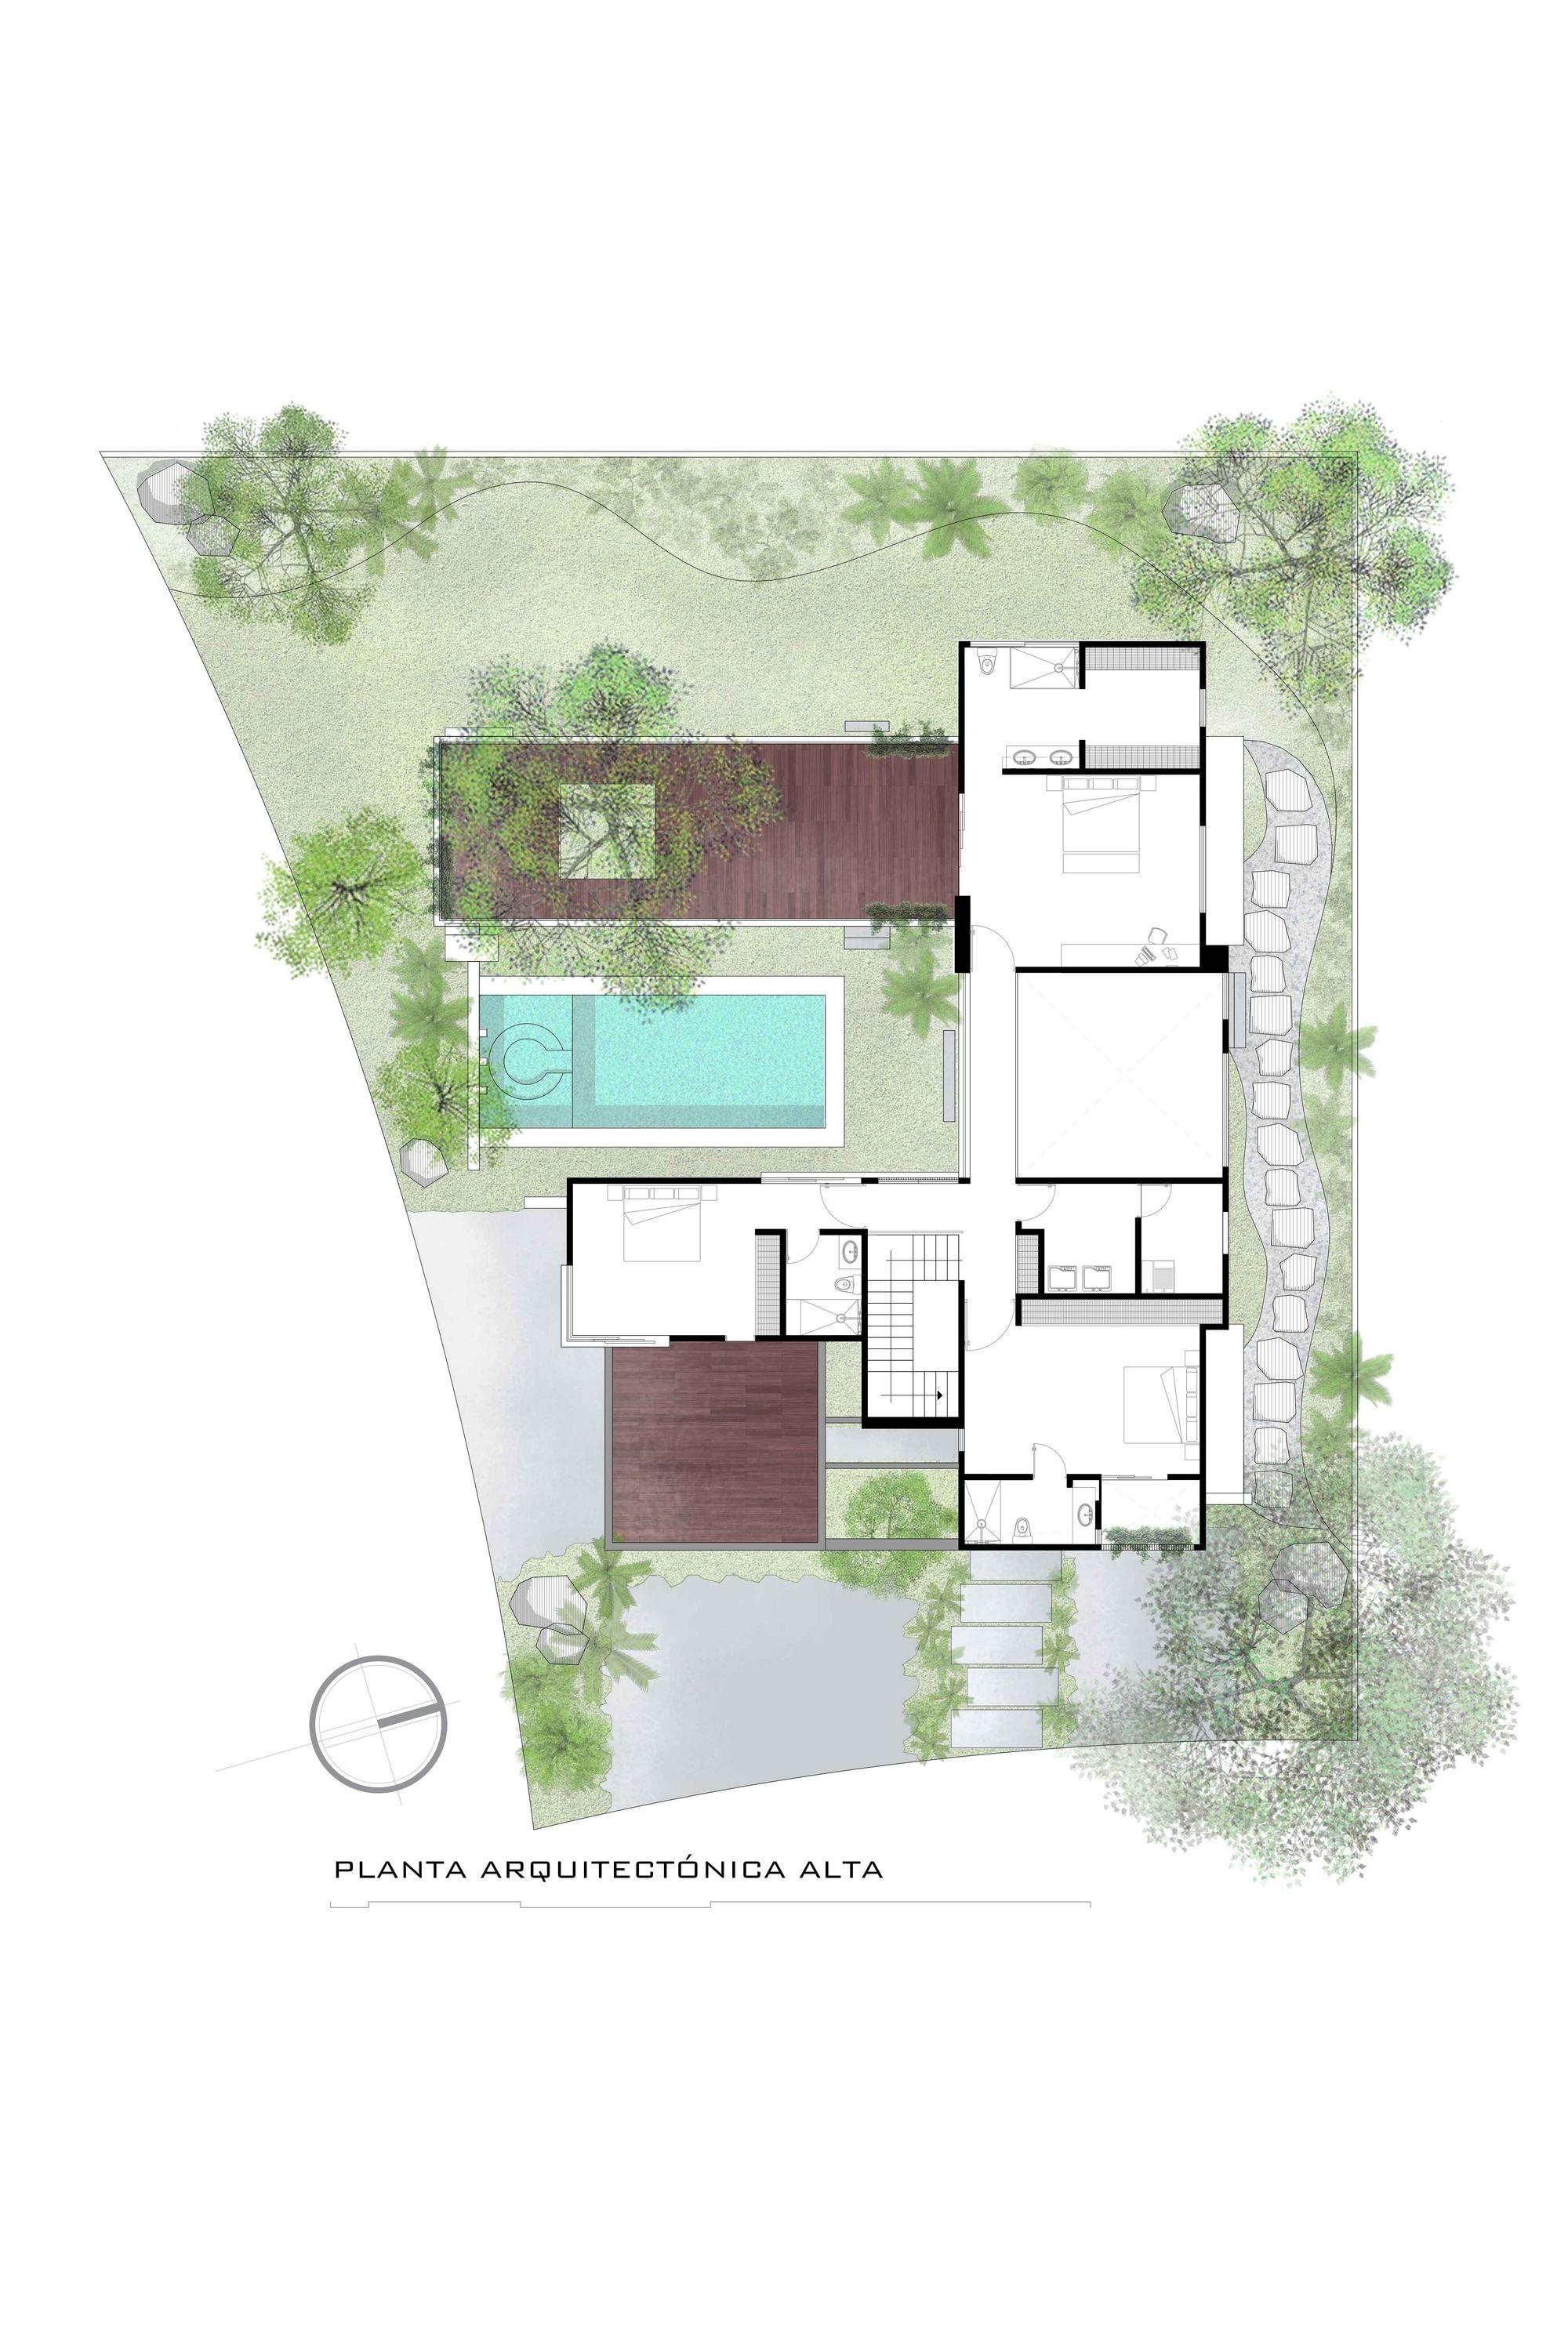 Galer a de casa kalyvas di frenna arquitectos 27 for Calcare di piani casa texas